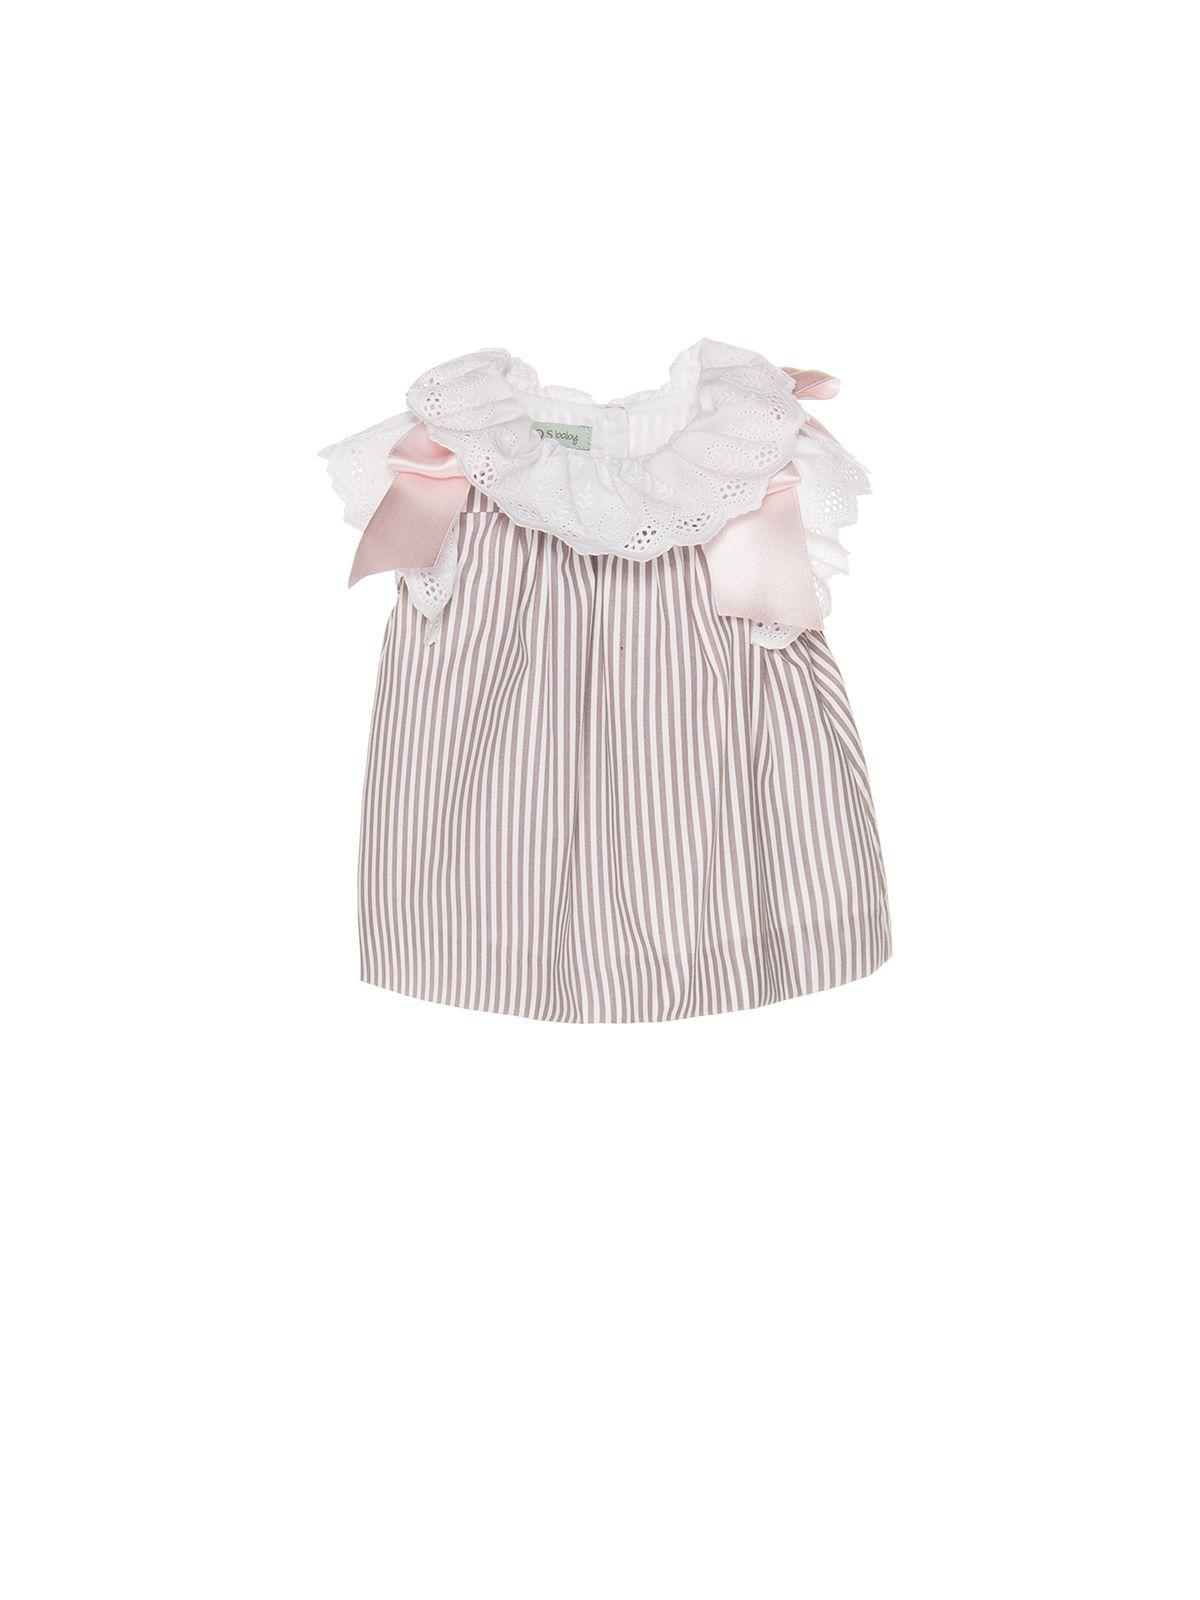 bb76600a NANOS SHOP ONLINE. Detalle Ruffle Blouse, Girls Dresses, Kids Fashion,  Shirts